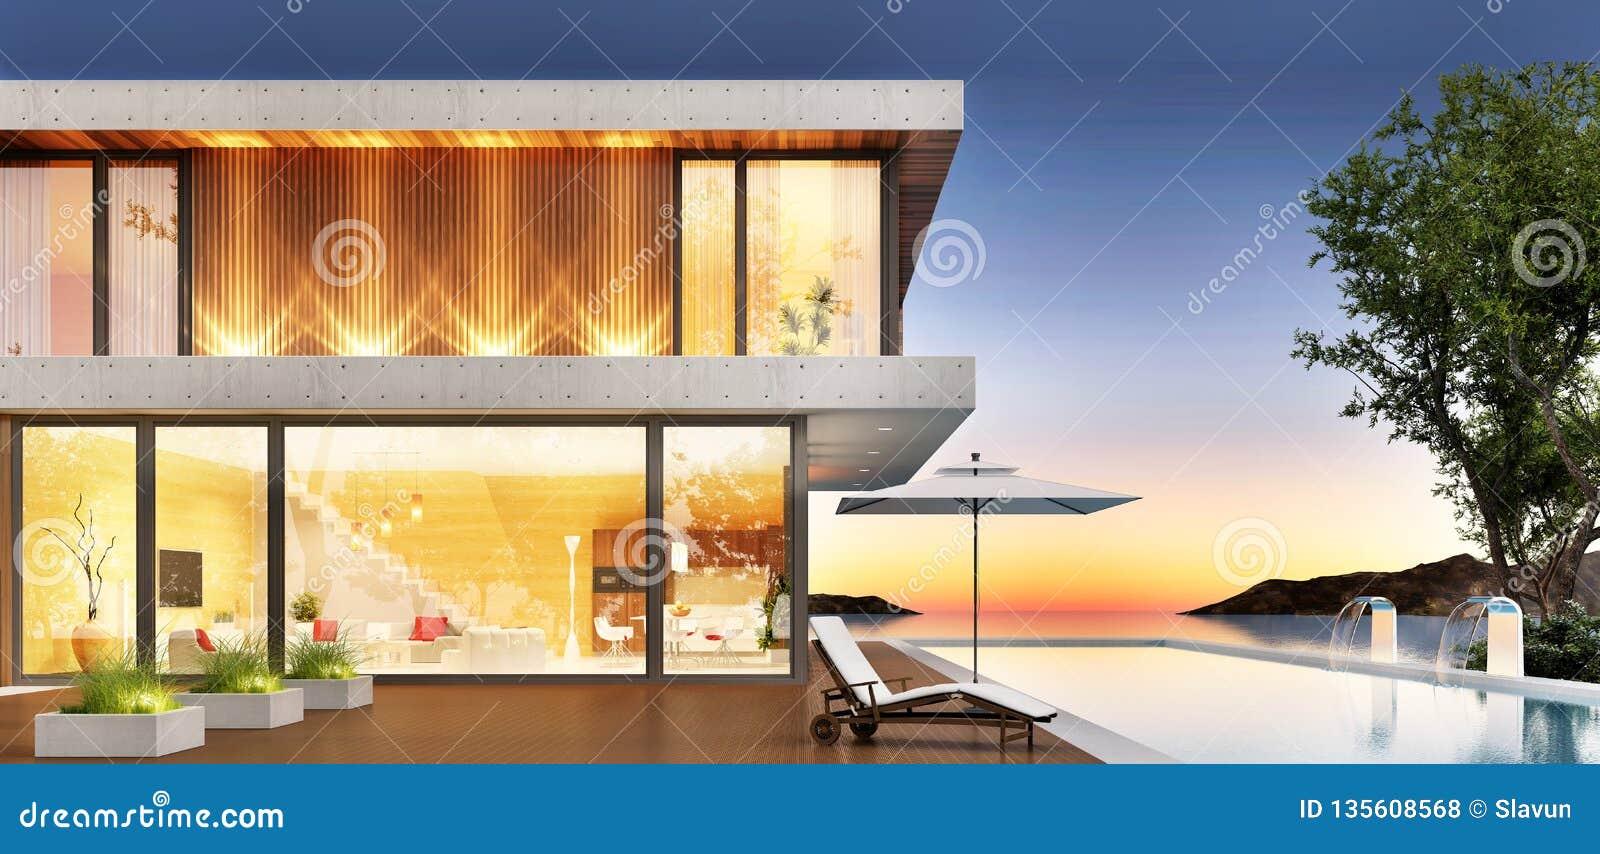 Роскошный дом с бассейном и терраса для ослаблять